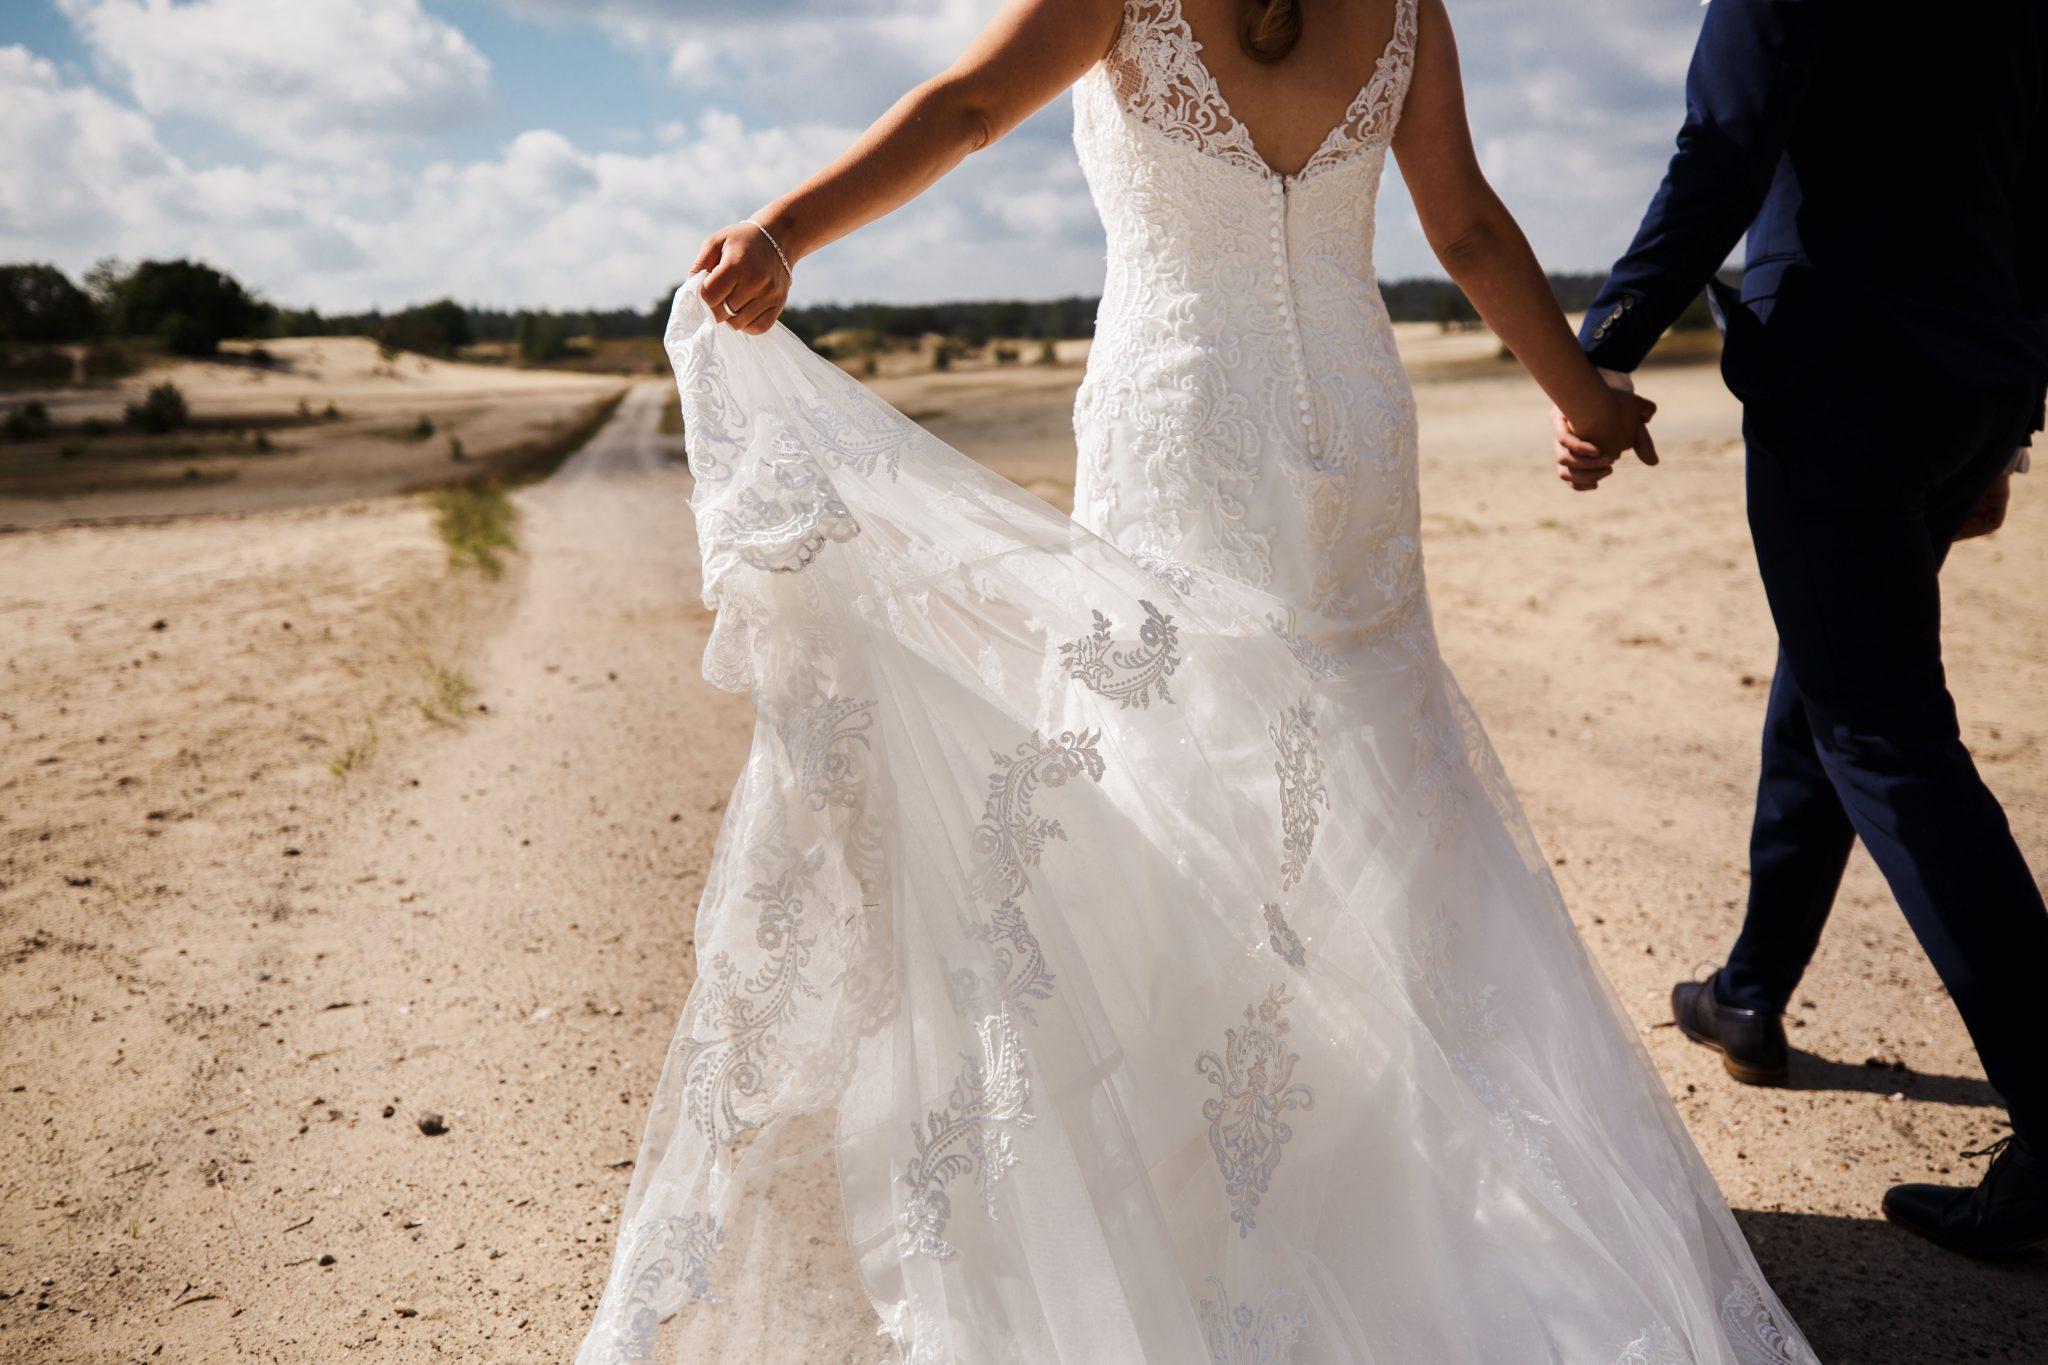 Bruidspaar fotoreportage zandverstuiving Harderwijk